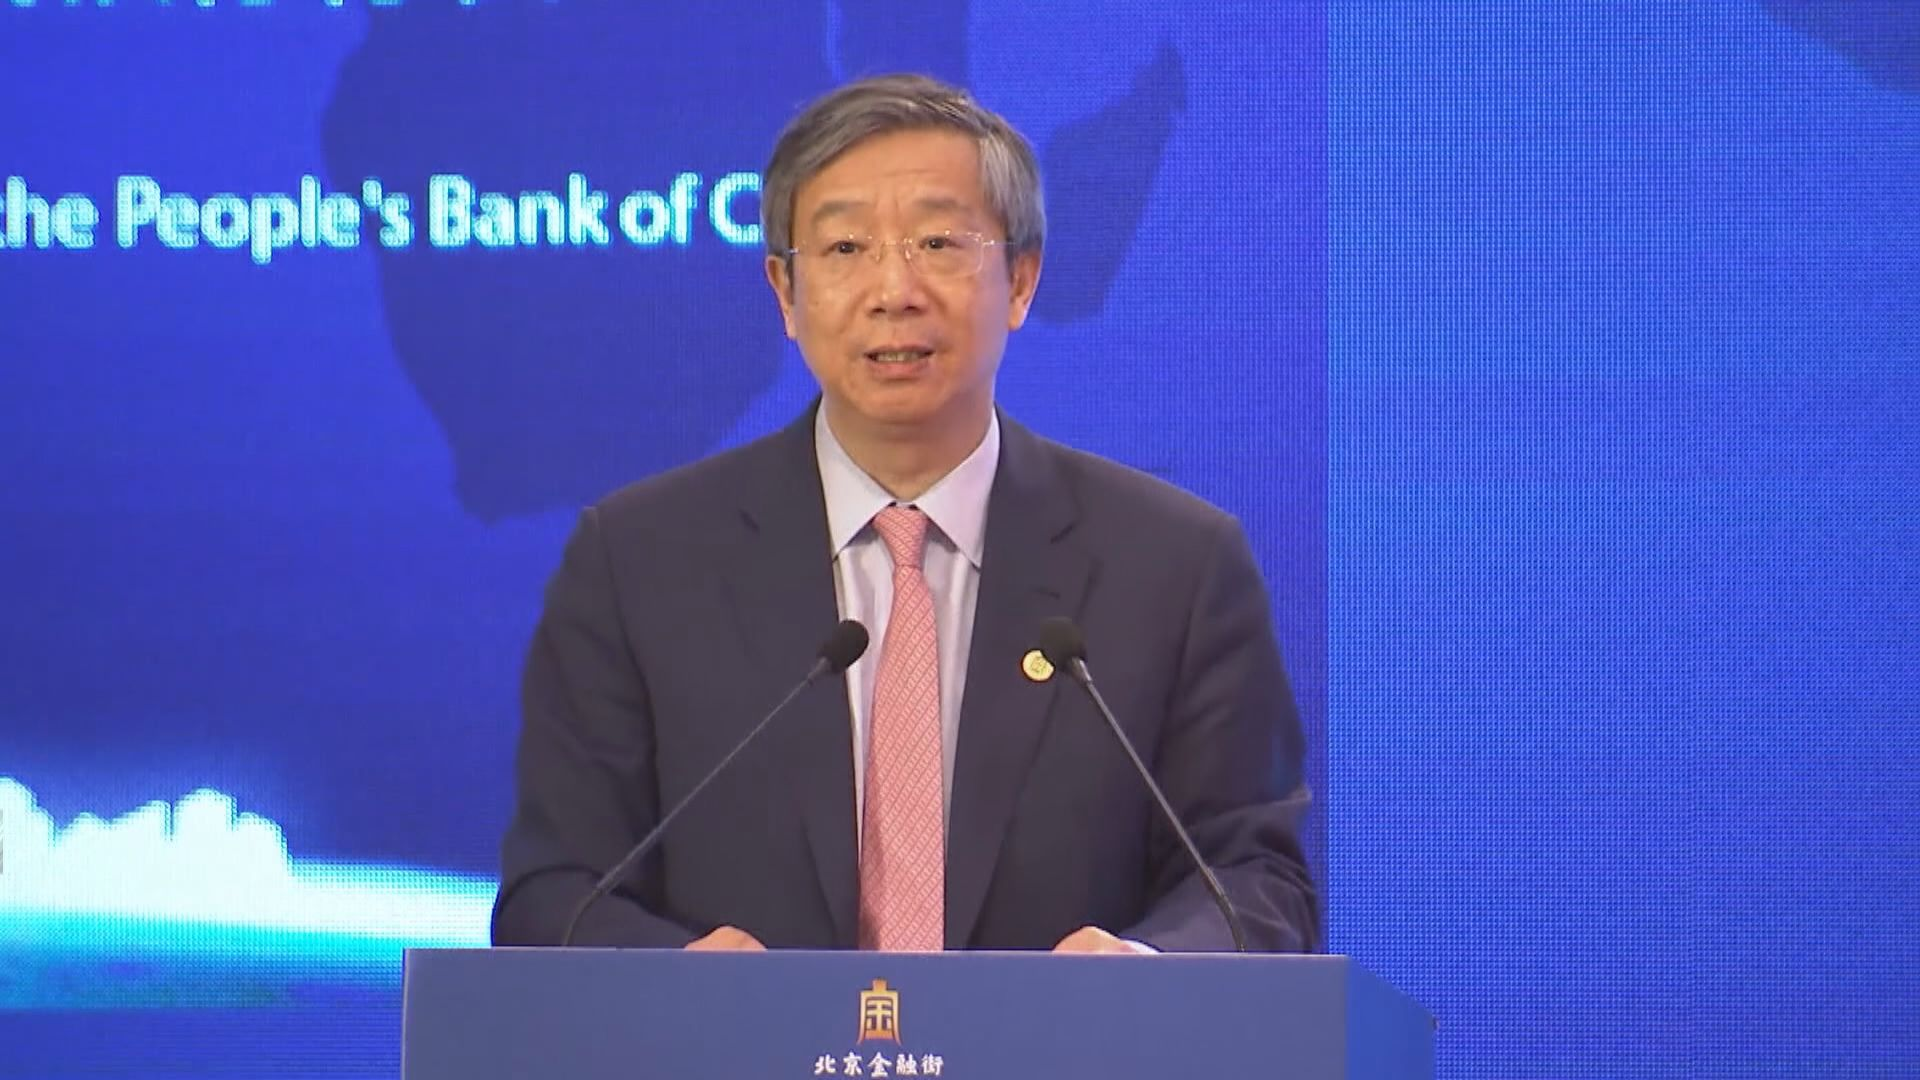 易綱:中國經濟下行周期應保持寬鬆貨幣條件